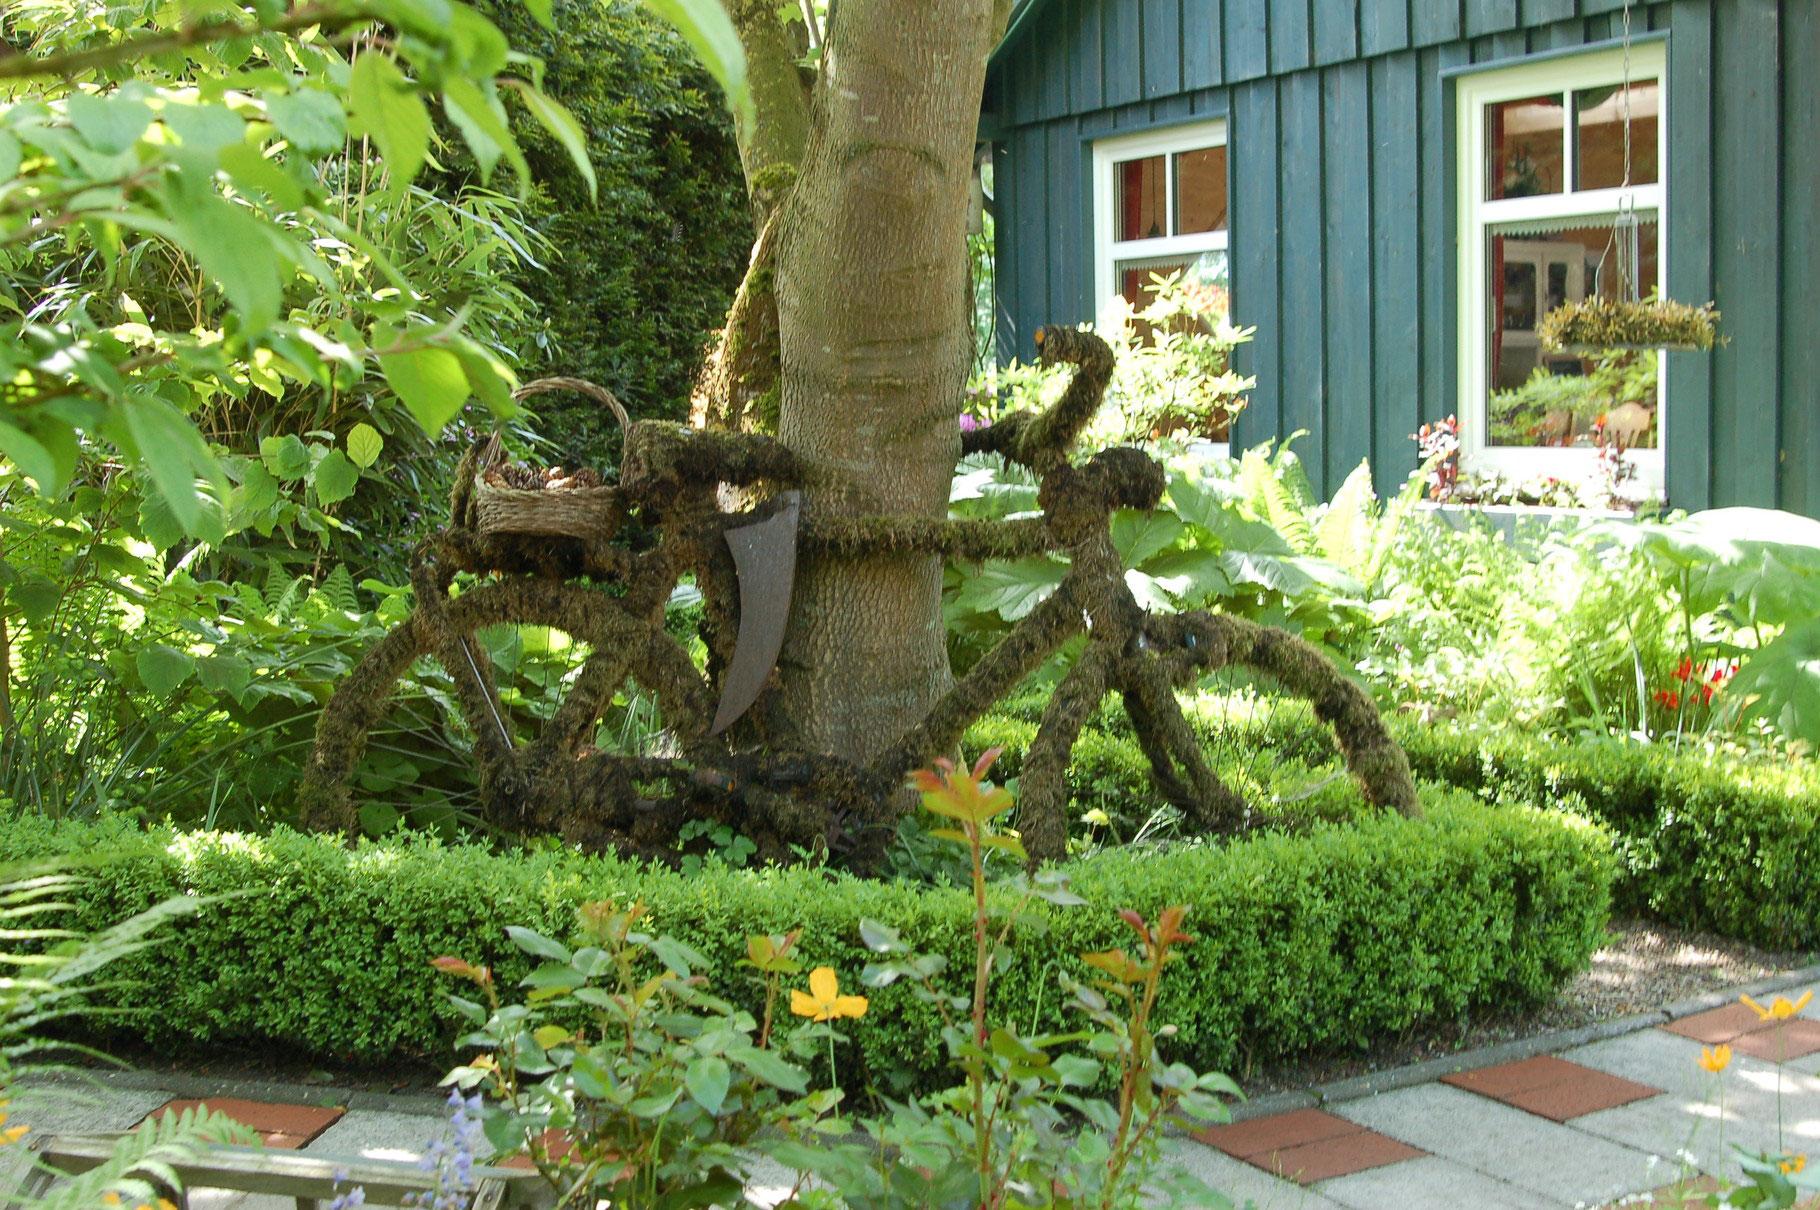 Deko Tipps skulptur & garten Wiershop